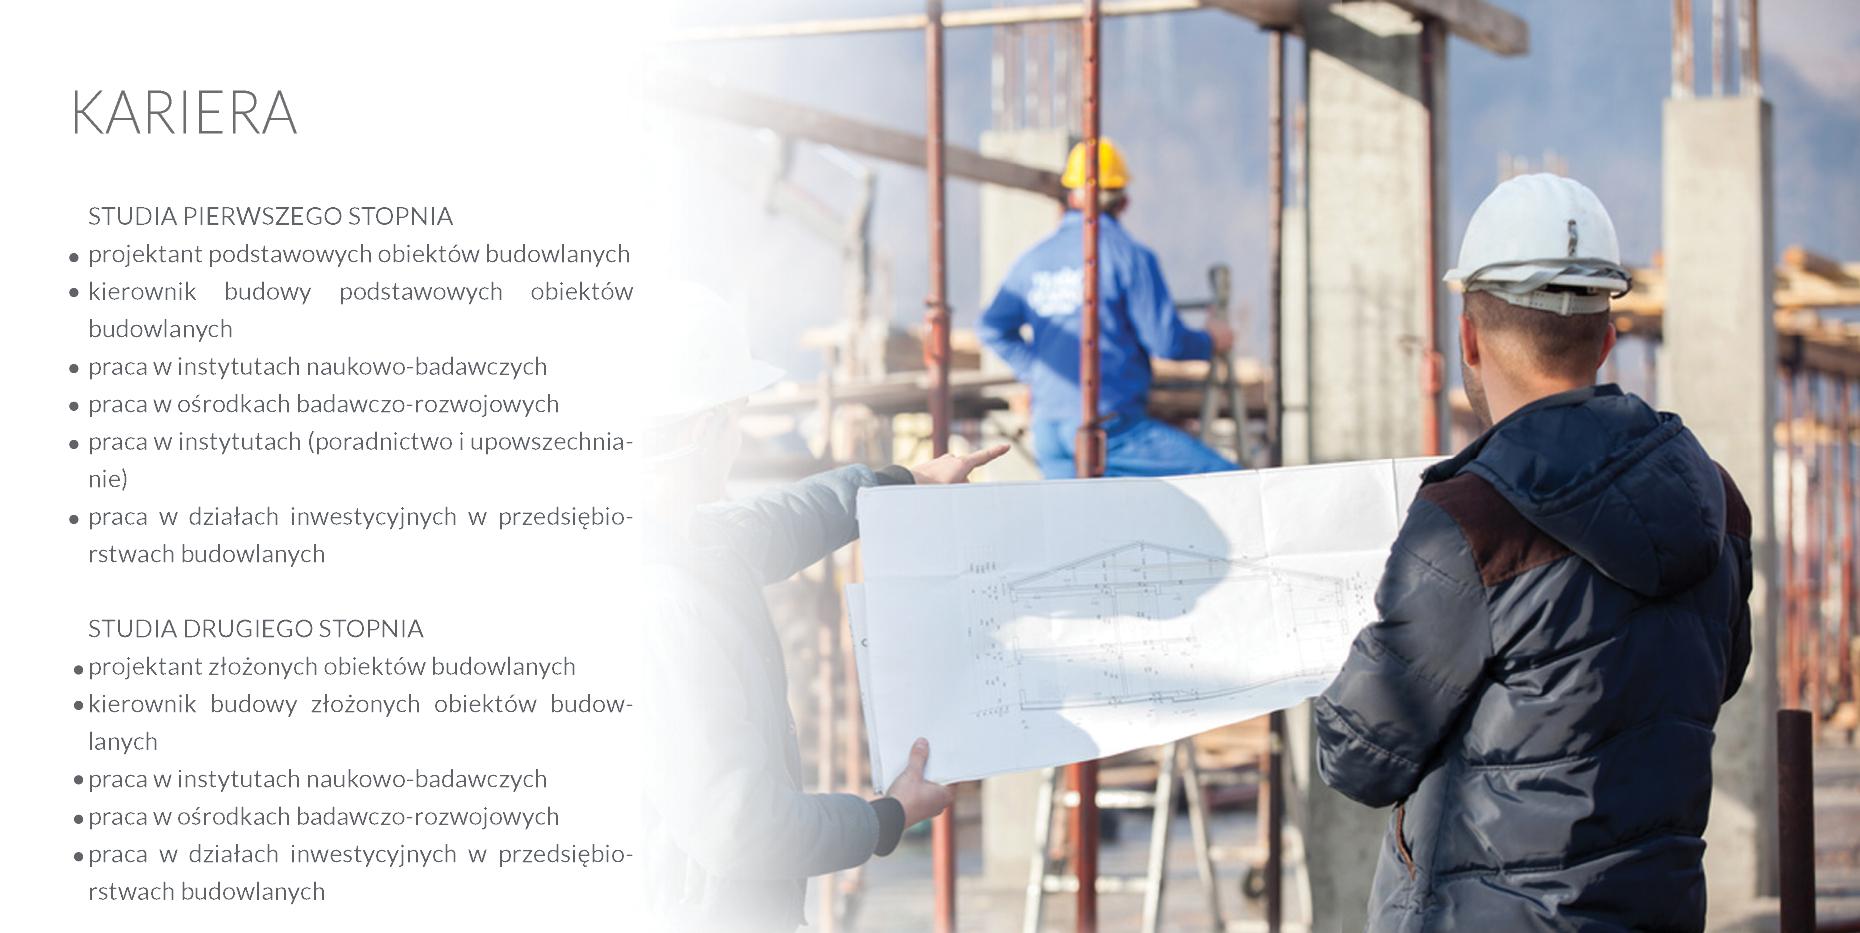 STUDIA PIERWSZEGO STOPNIA •  projektant podstawowych obiektów budowlanych •  kierownik budowy podstawowych obiektów budowlanych •  praca w instytutach naukowo-badawczych  •  praca w ośrodkach badawczo-rozwojowych  •  praca w instytutach (poradnictwo i upowszechnianie) •  praca w działach inwestycyjnych w przedsiębiorstwach budowlanych STUDIA DRUGIEGO STOPNIA •  projektant złożonych obiektów budowlanych •  kierownik budowy złożonych obiektów budowlanych •  praca w instytutach naukowo-badawczych  •  praca w ośrodkach badawczo-rozwojowych  •  praca w działach inwestycyjnych w przedsiębiorstwach budowlanych